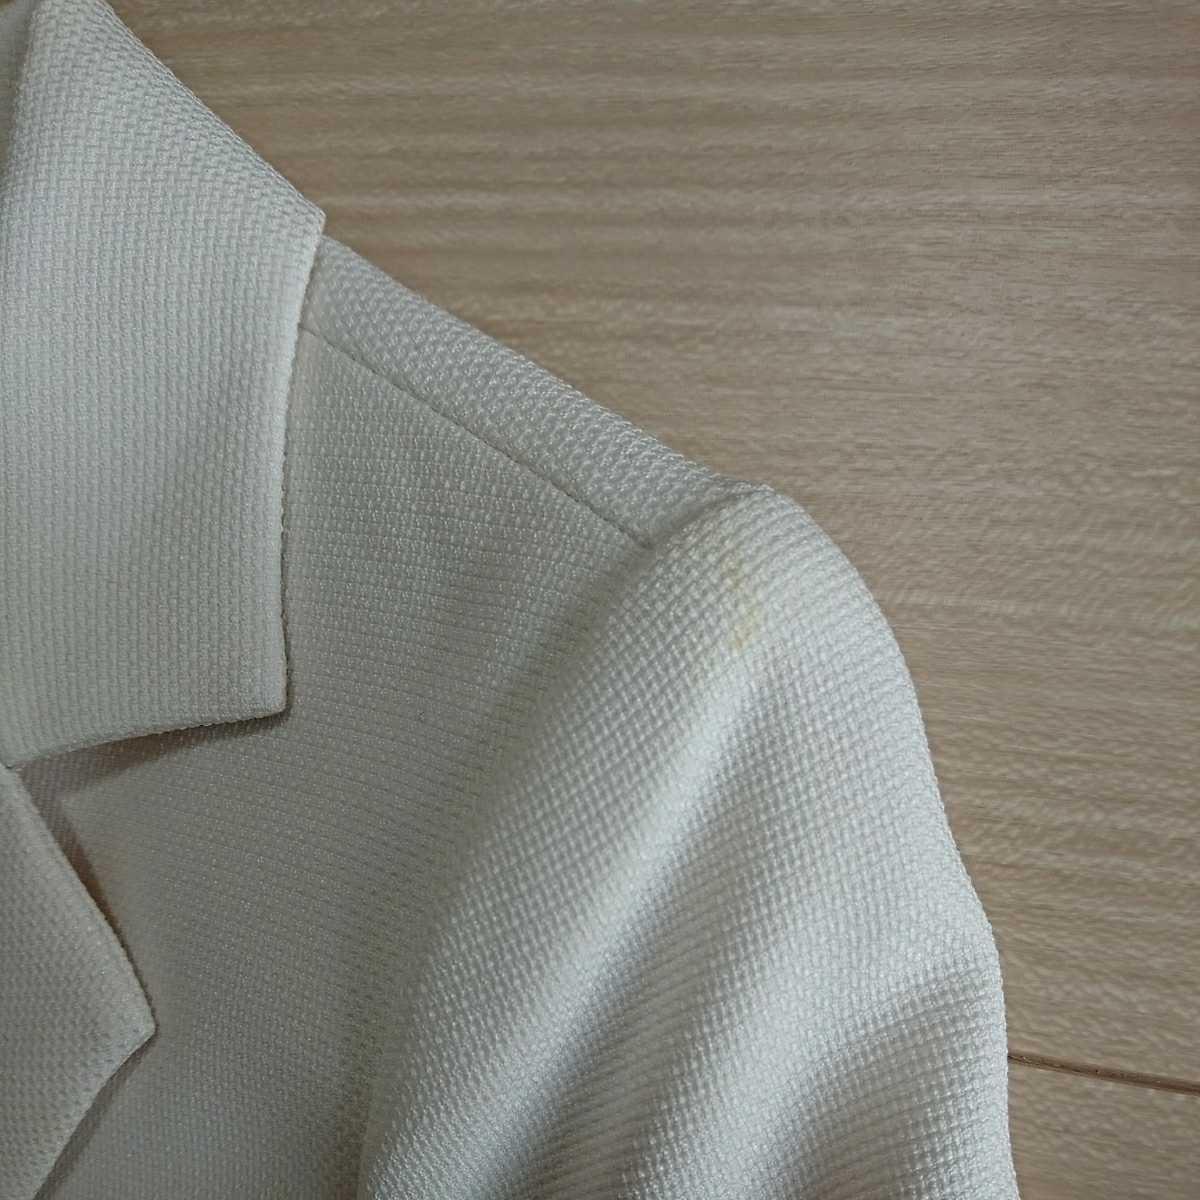 送料込み フォーマルスーツ 7号 アイボリー ジャケット スカート ベージュ シフォン ワンピース 3点セット 入学式 七五三 結婚式 クーポン_画像6